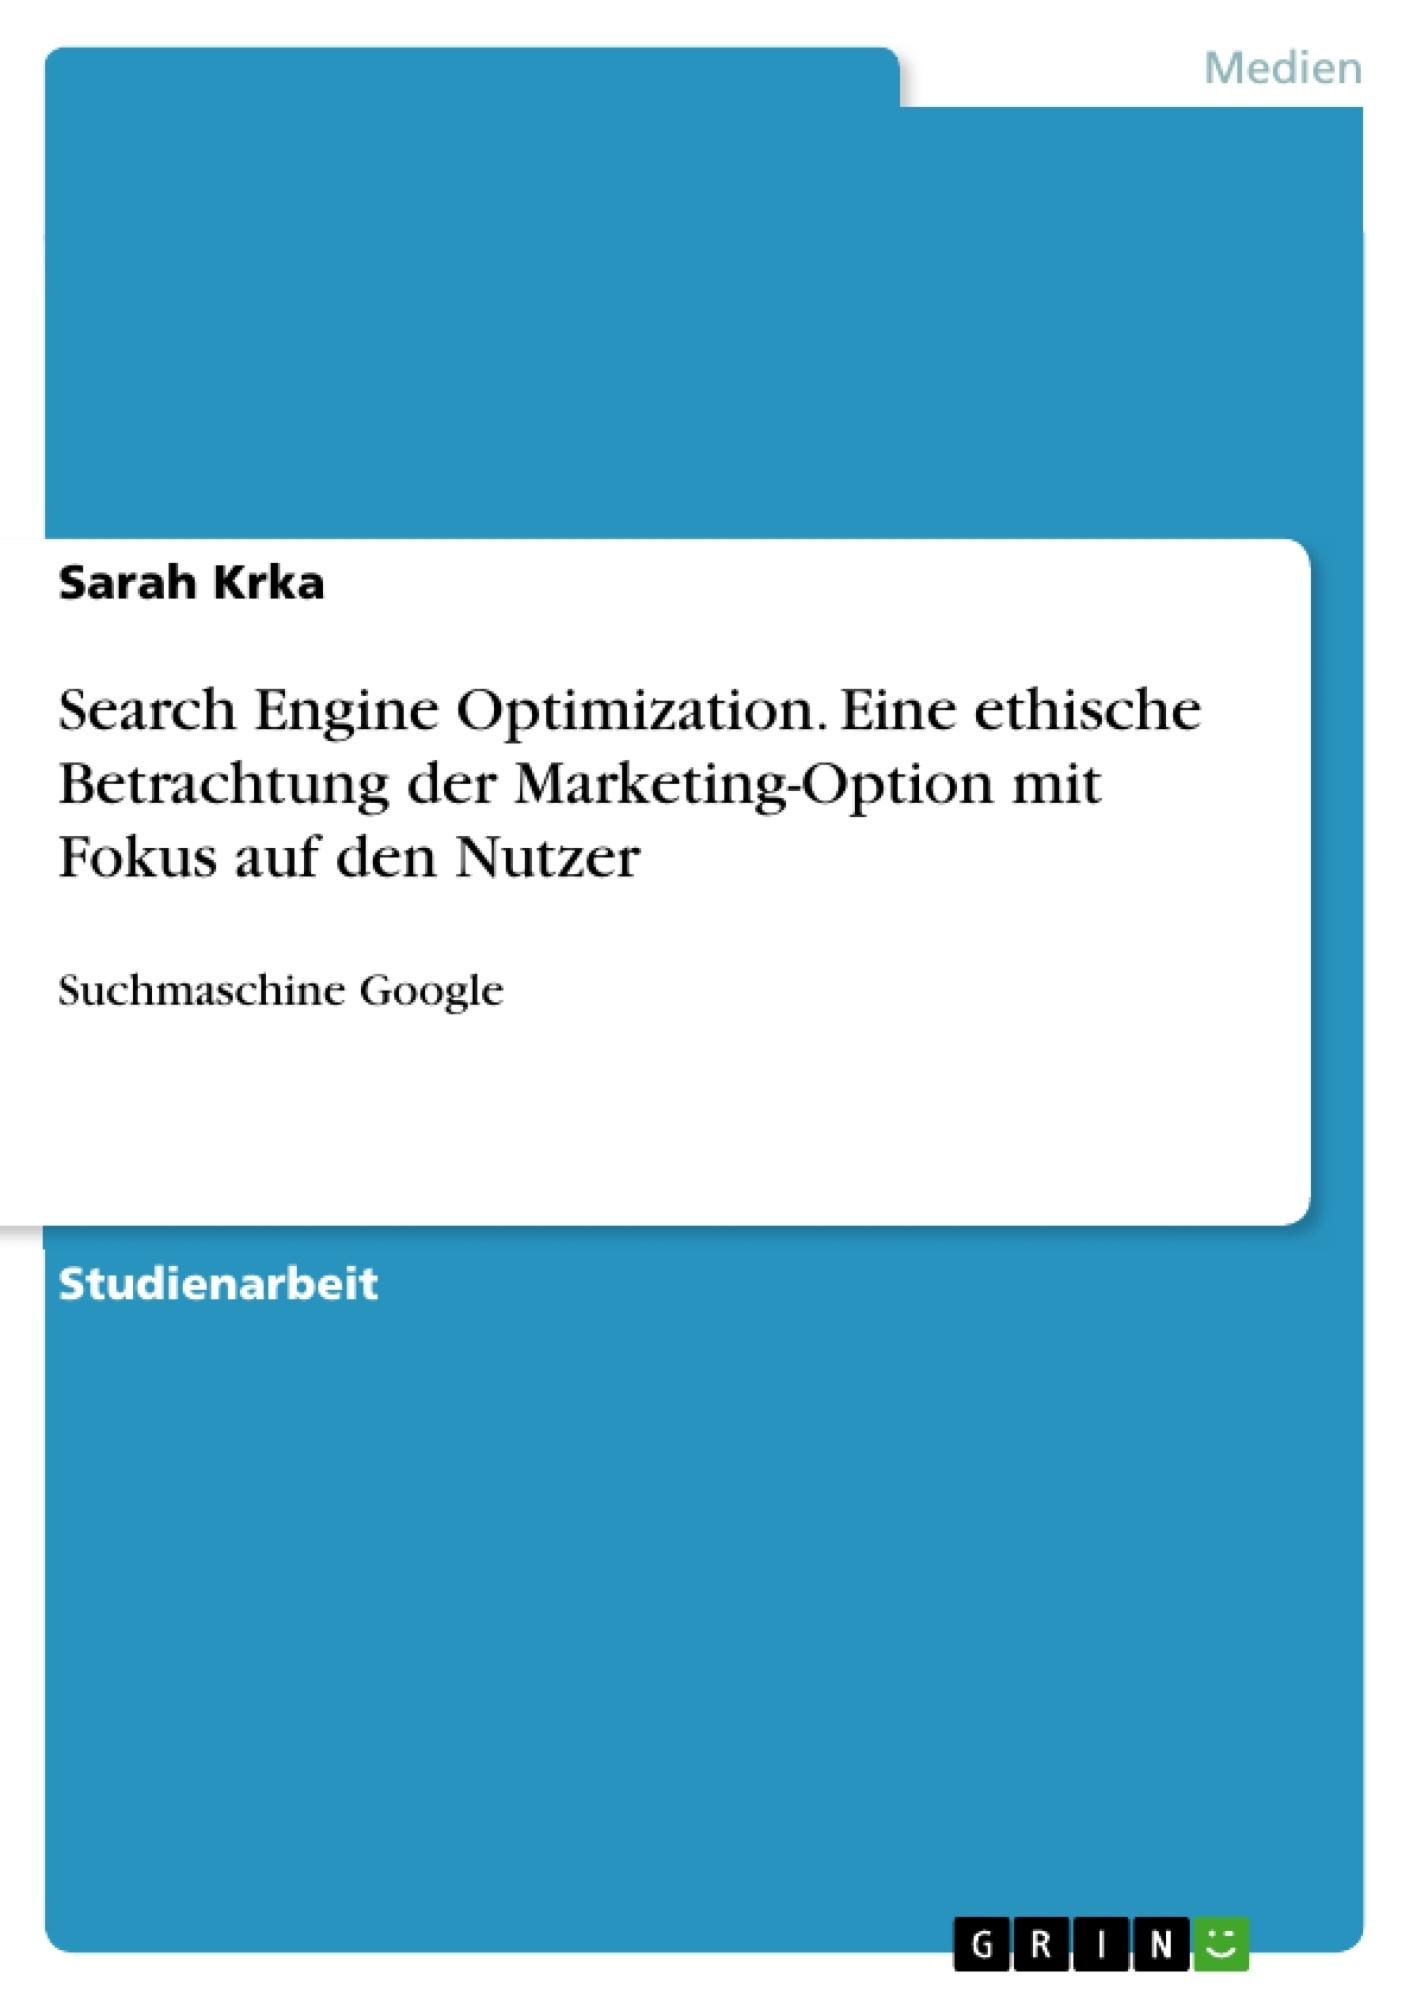 Titel: Search Engine Optimization. Eine ethische Betrachtung der Marketing-Option mit Fokus auf den Nutzer